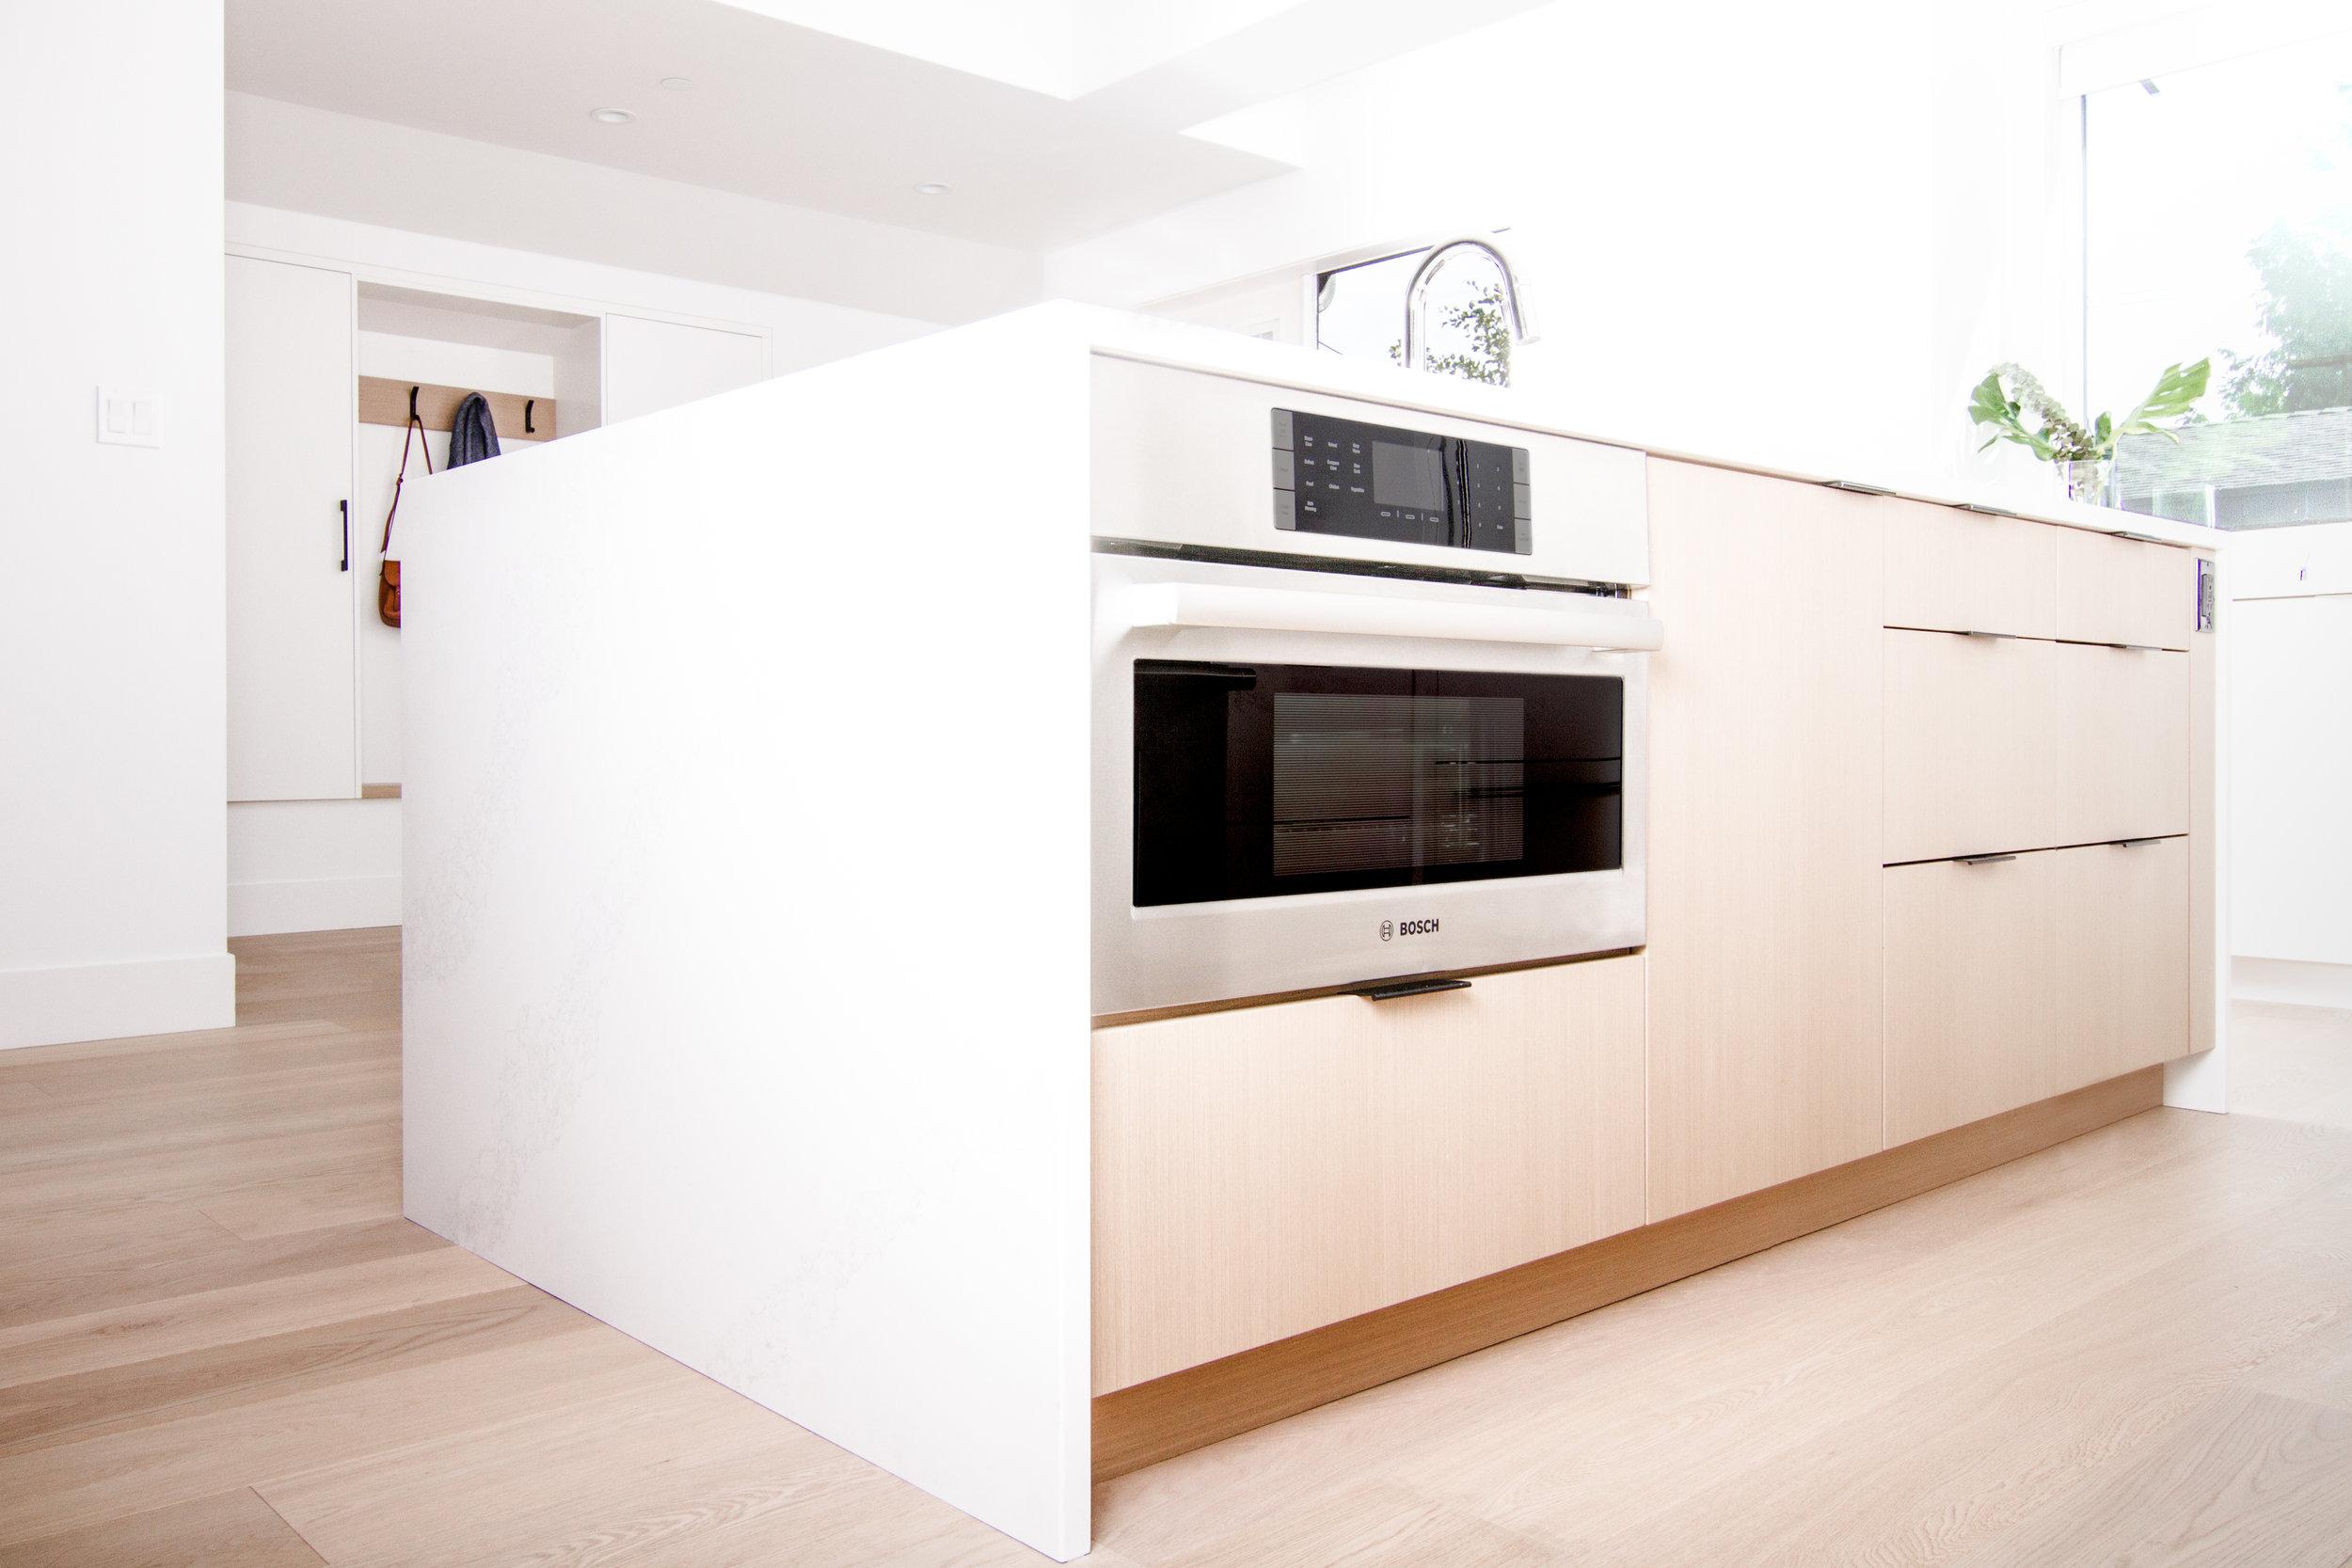 mocoro-studio-interior-design-architecture-home-styling-17.jpg